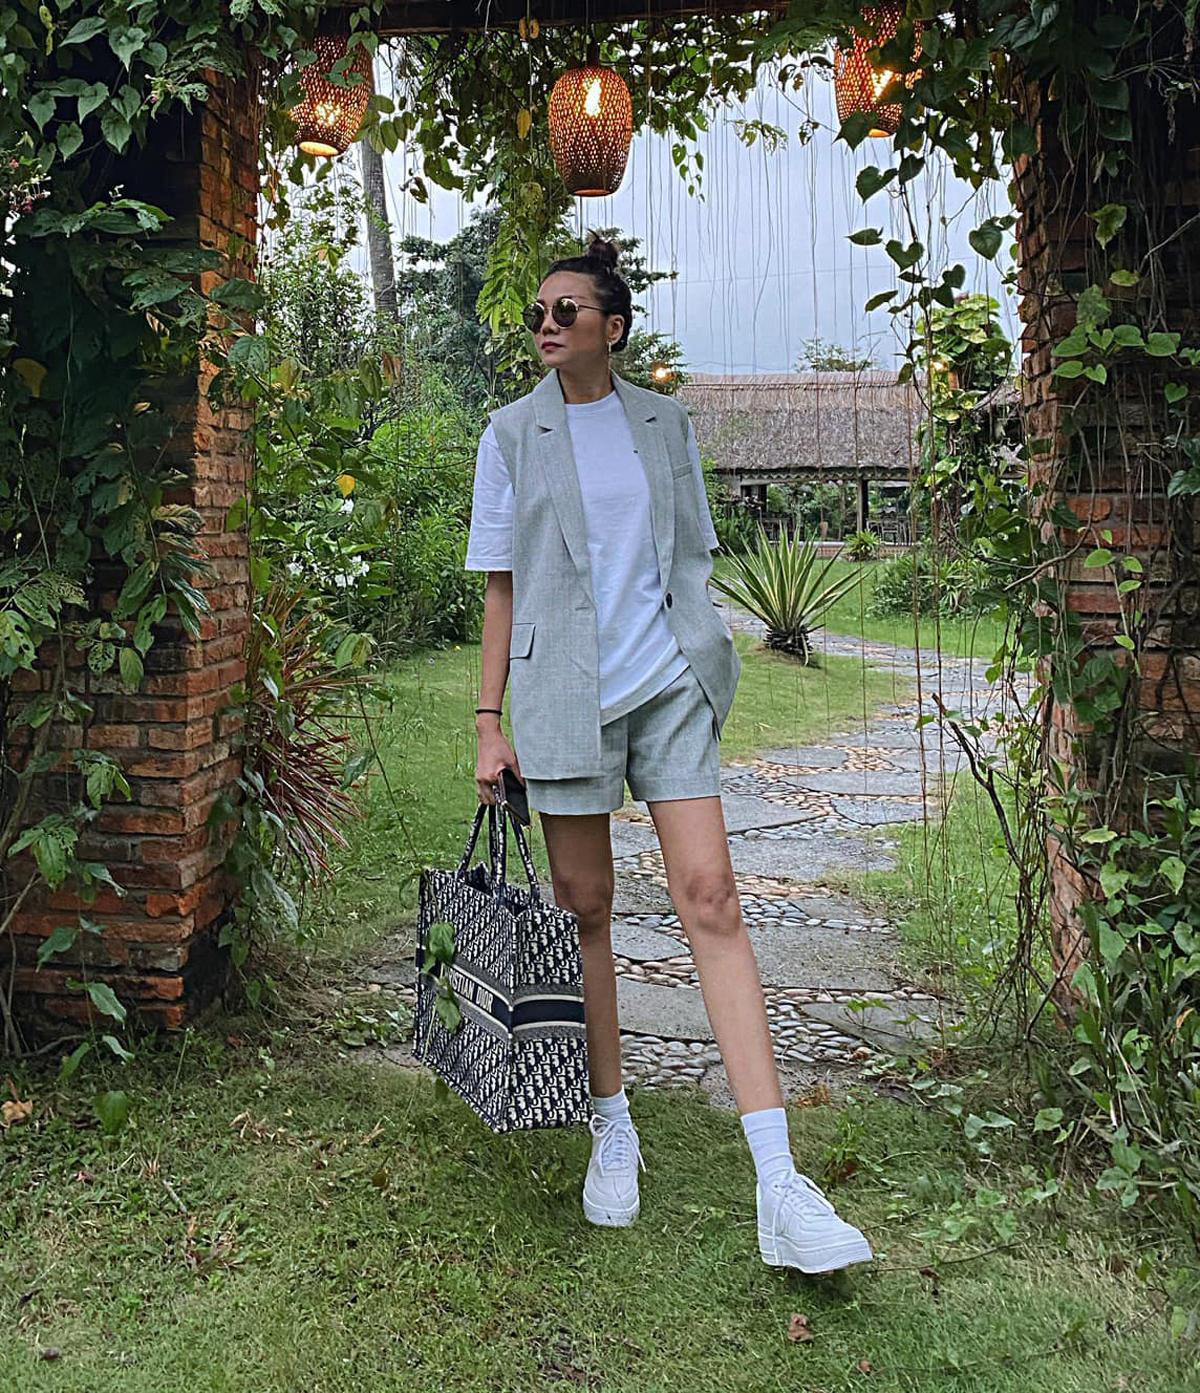 Gilet và quần shorts được Thanh Hằng kết hợp với áo phông, giày thể thao tạo tổng thể rất trẻ trung.